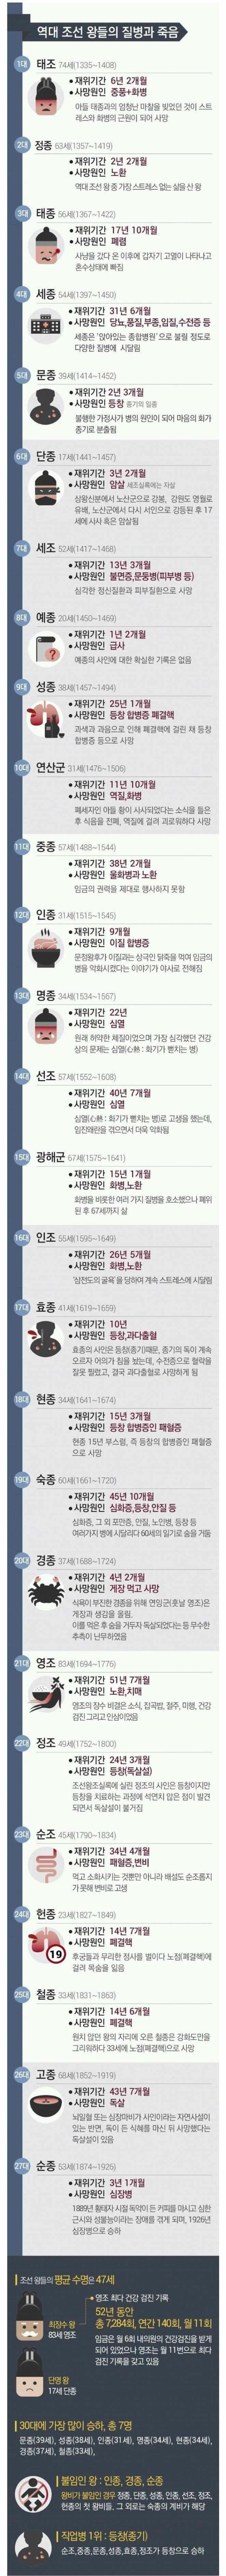 DxA5aa4badf635a9.jpg 역대 조선왕들의 사망원인